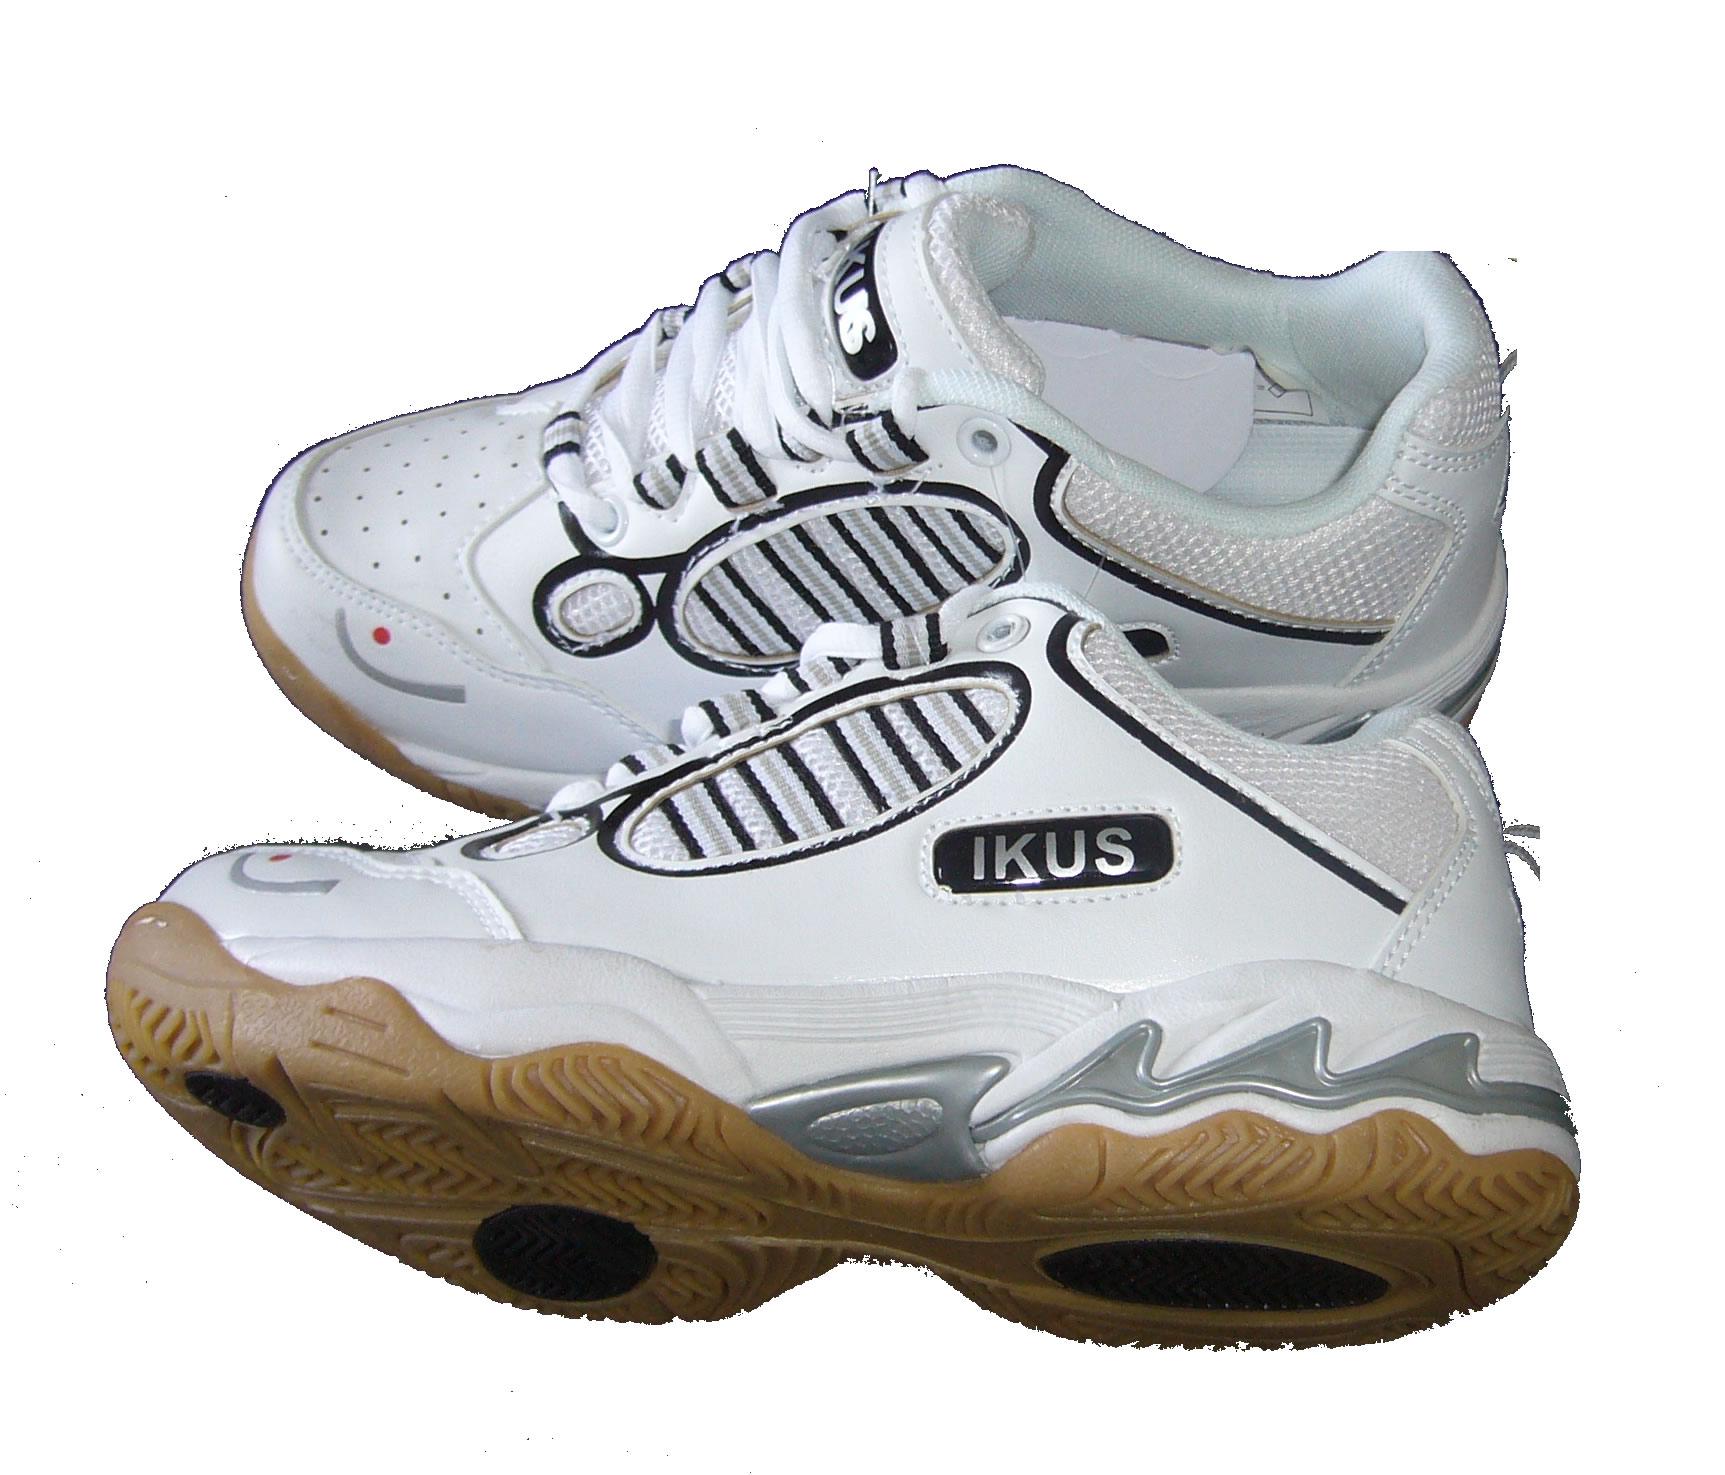 Fin de série pour cette <strong>chaussure de squash IKUS Jo1</strong> qui procure un super grip au parquet.<br>Très bonne accroche, stable. Cette semelle procure un meilleur confort et progresse au niveau de l'amorti qui devient très bon. Une sensation d'amorti et de confort que l'on trouve sur les haut de gamme. Le prix bas en plus en destockage pourrait donner l'illusion de qualité en retrait mais pas du tout. Elle n'a pas la modernité des couleurs flashies mais pour celui qui  veut  une bonne chaussure, une bonne semelle de squash à tarif compétitif, rien à dire.